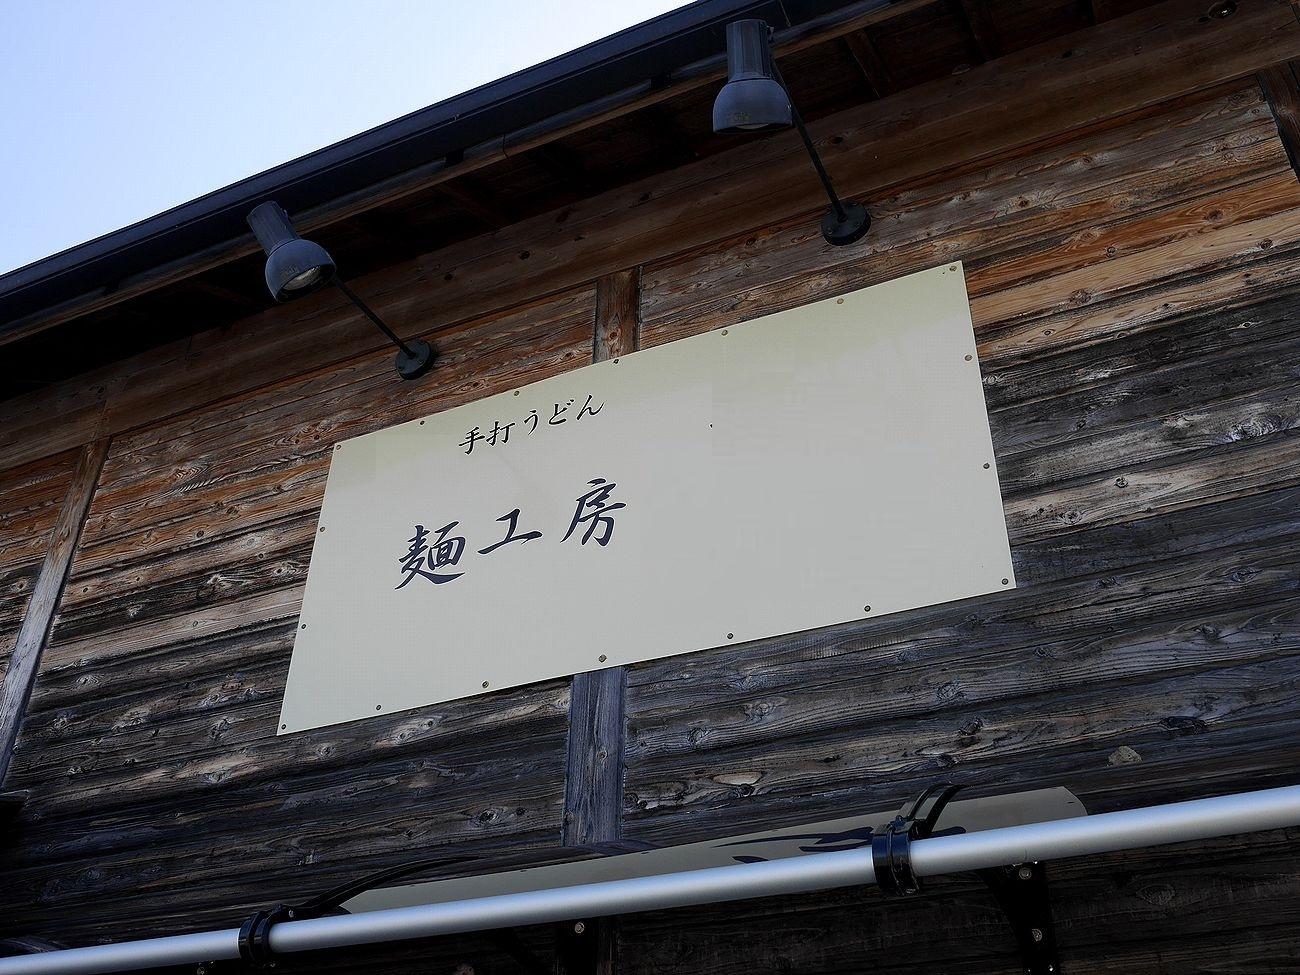 _1370515-2.jpg